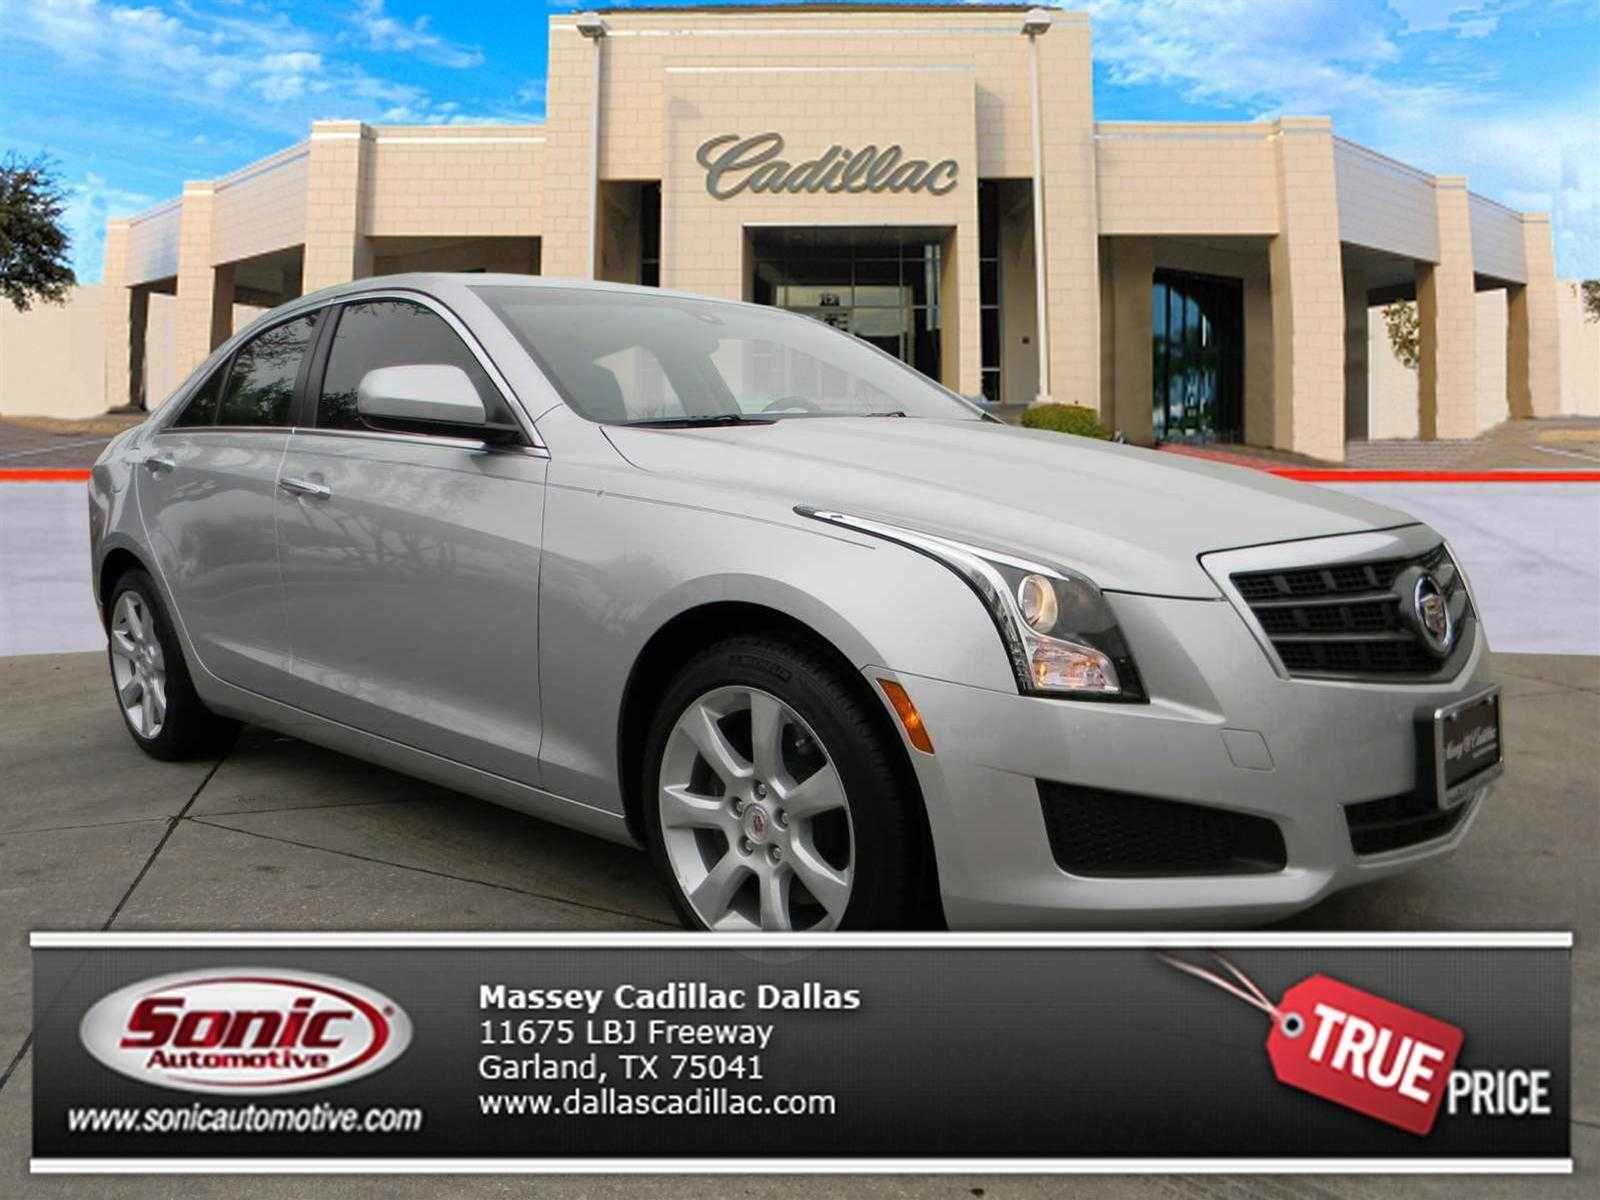 2013 Cadillac Ats 2.0 L Turbo >> Pin On Cadillac Ats